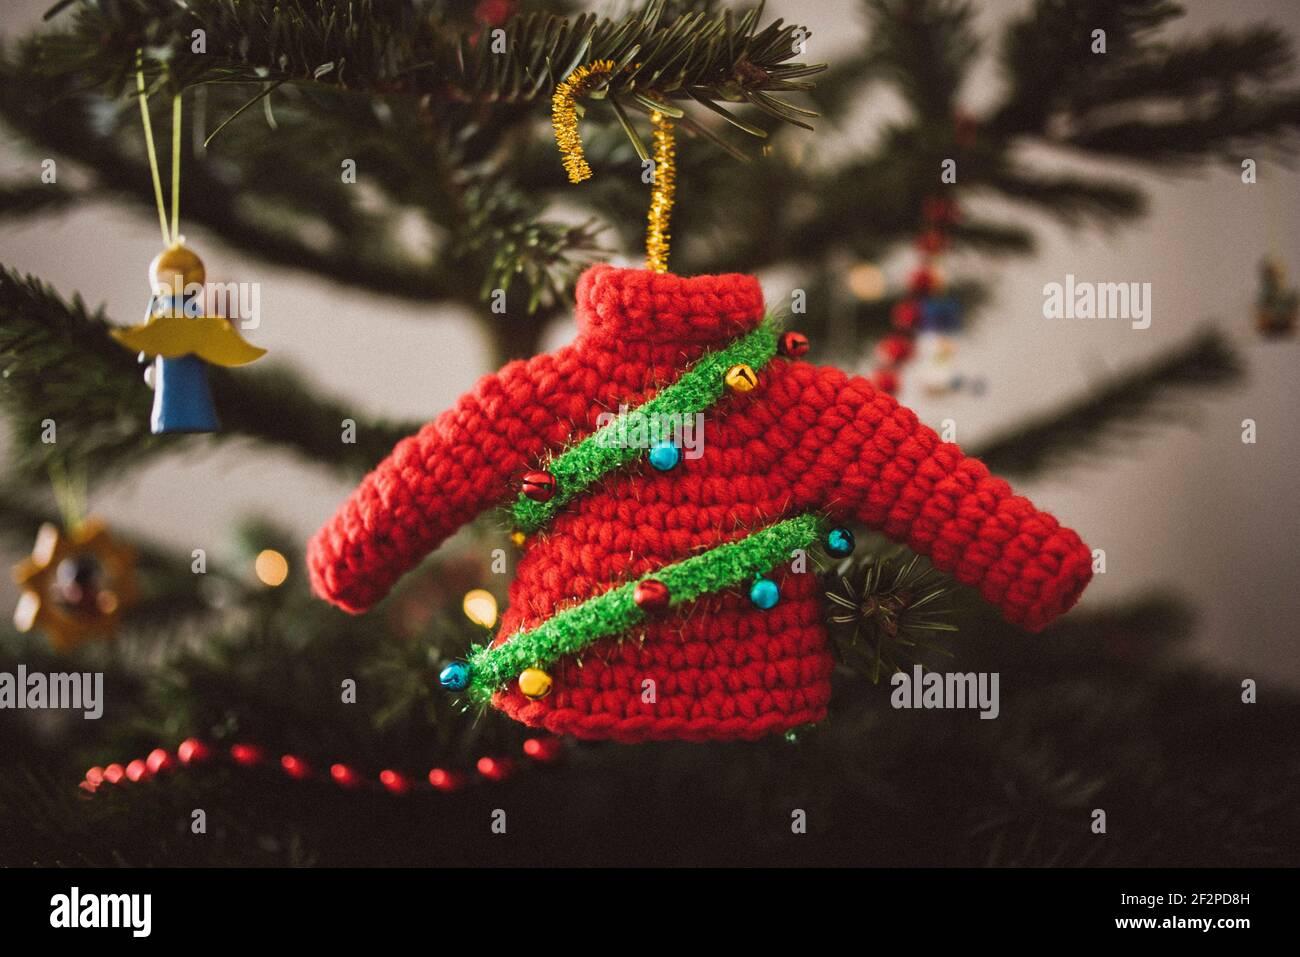 Rouge Noël pull arbre charme, auto-crocheted décorations arbre Banque D'Images